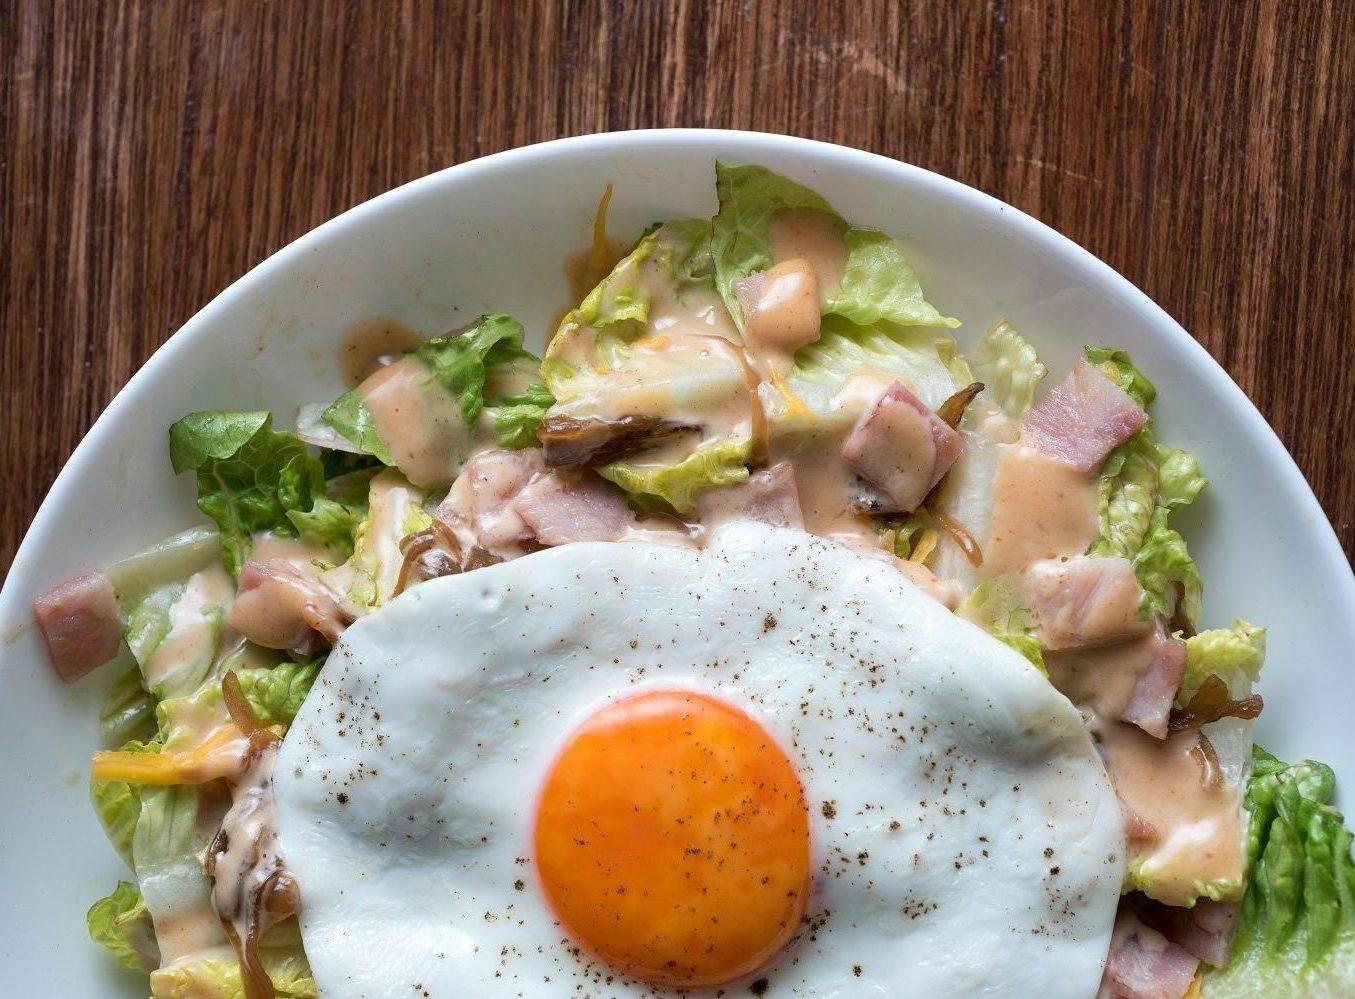 Farmer John's salad version.